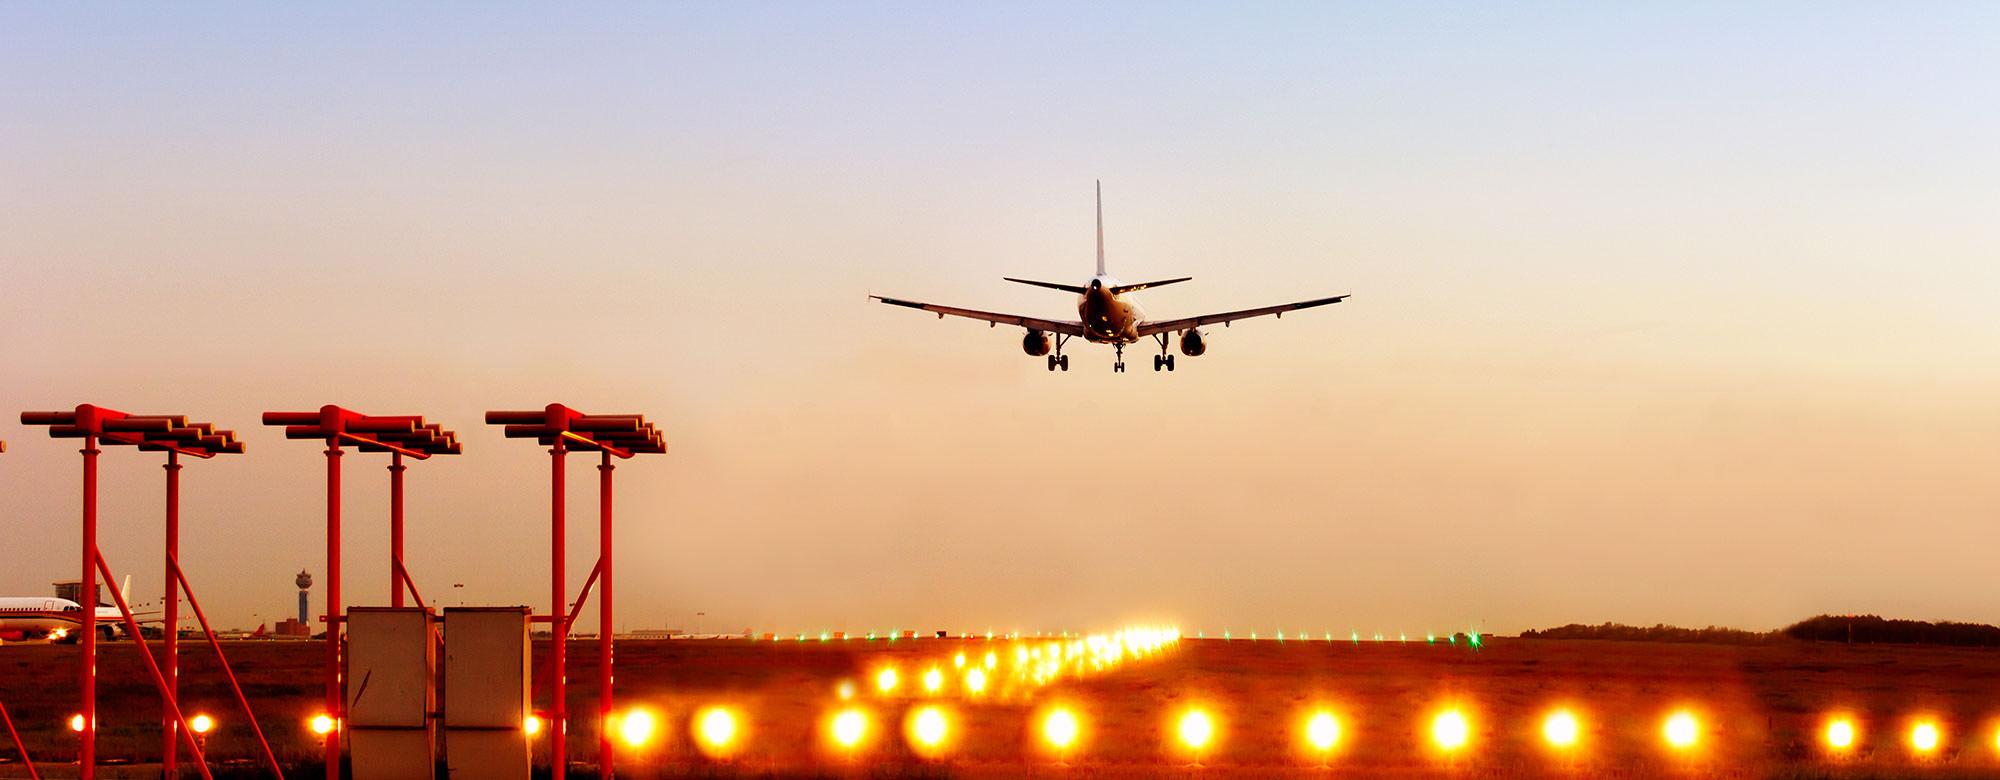 aviation-banner